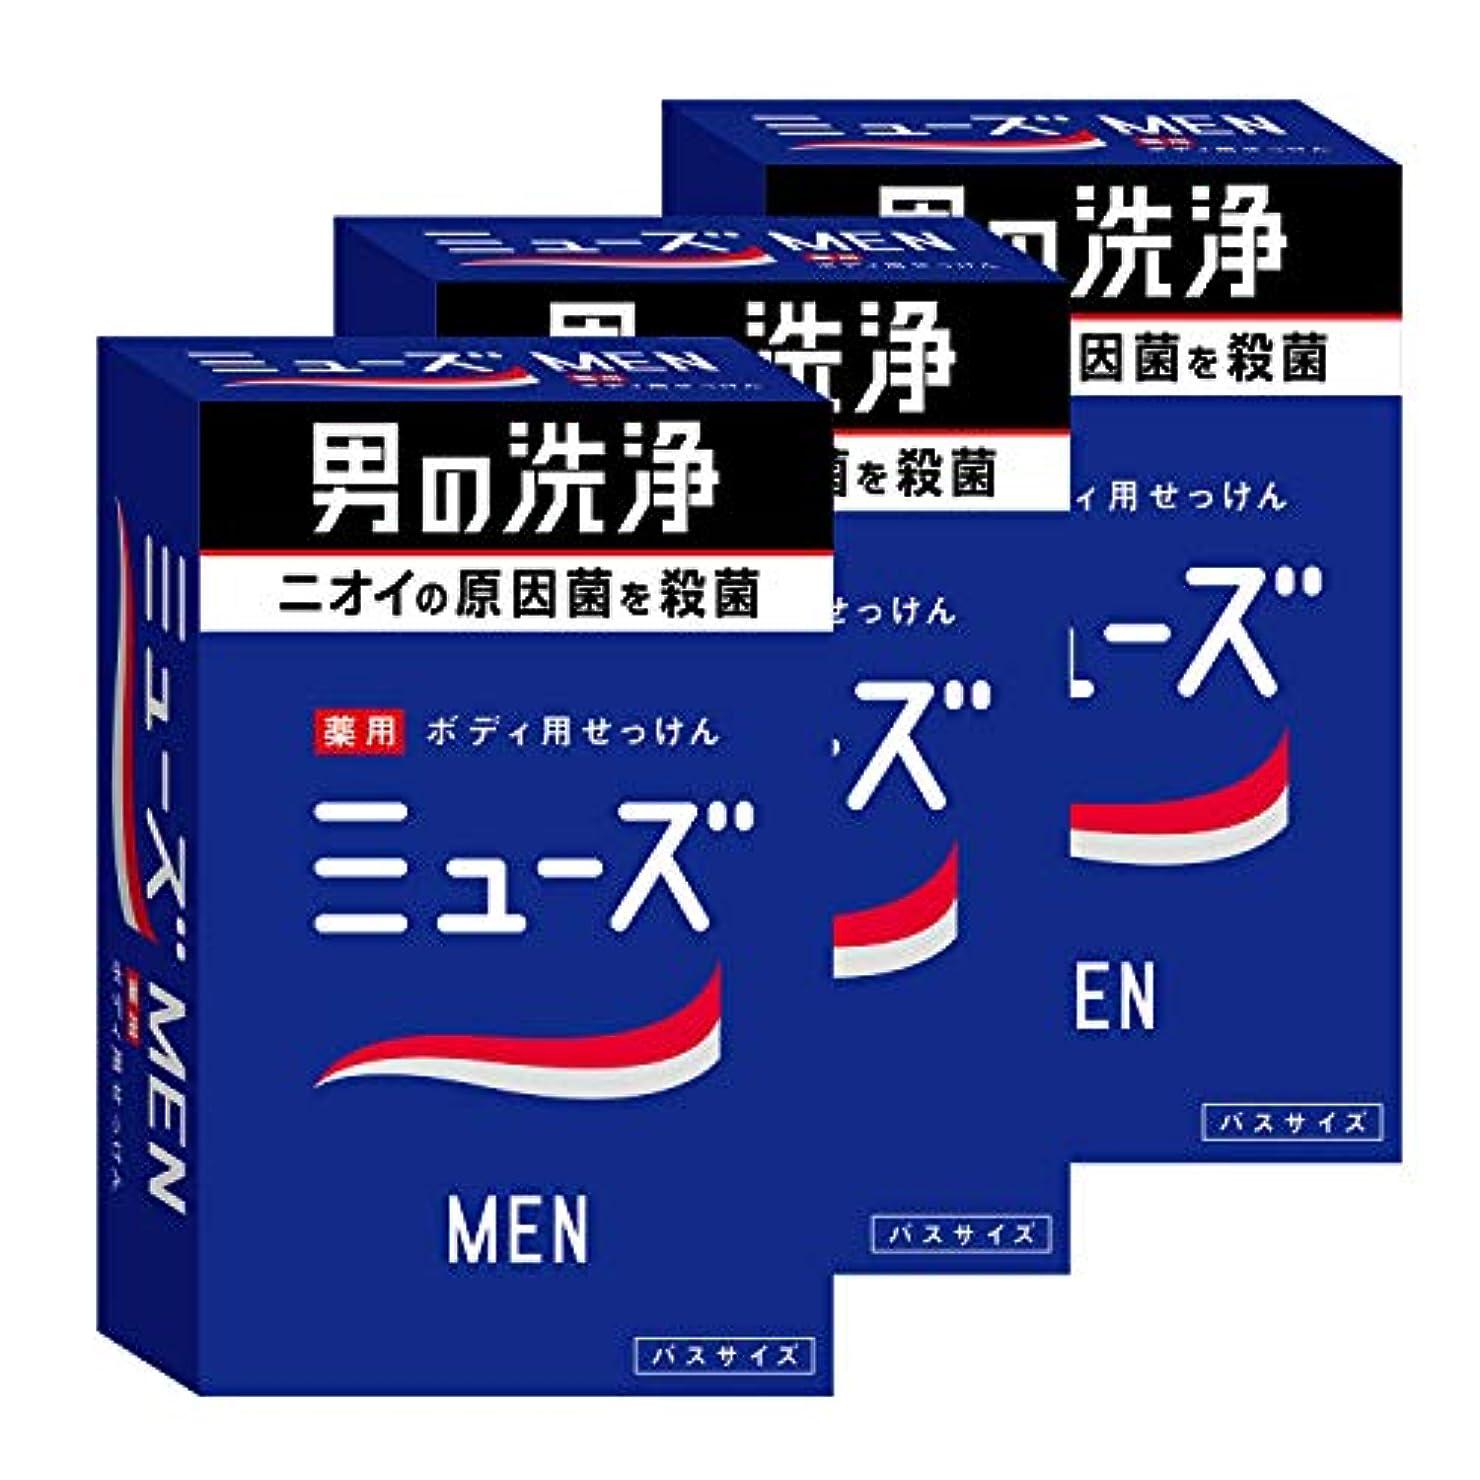 閃光曲げる推定【医薬部外品】ミューズメン ボディ用 石鹸 135g ×3個 消臭